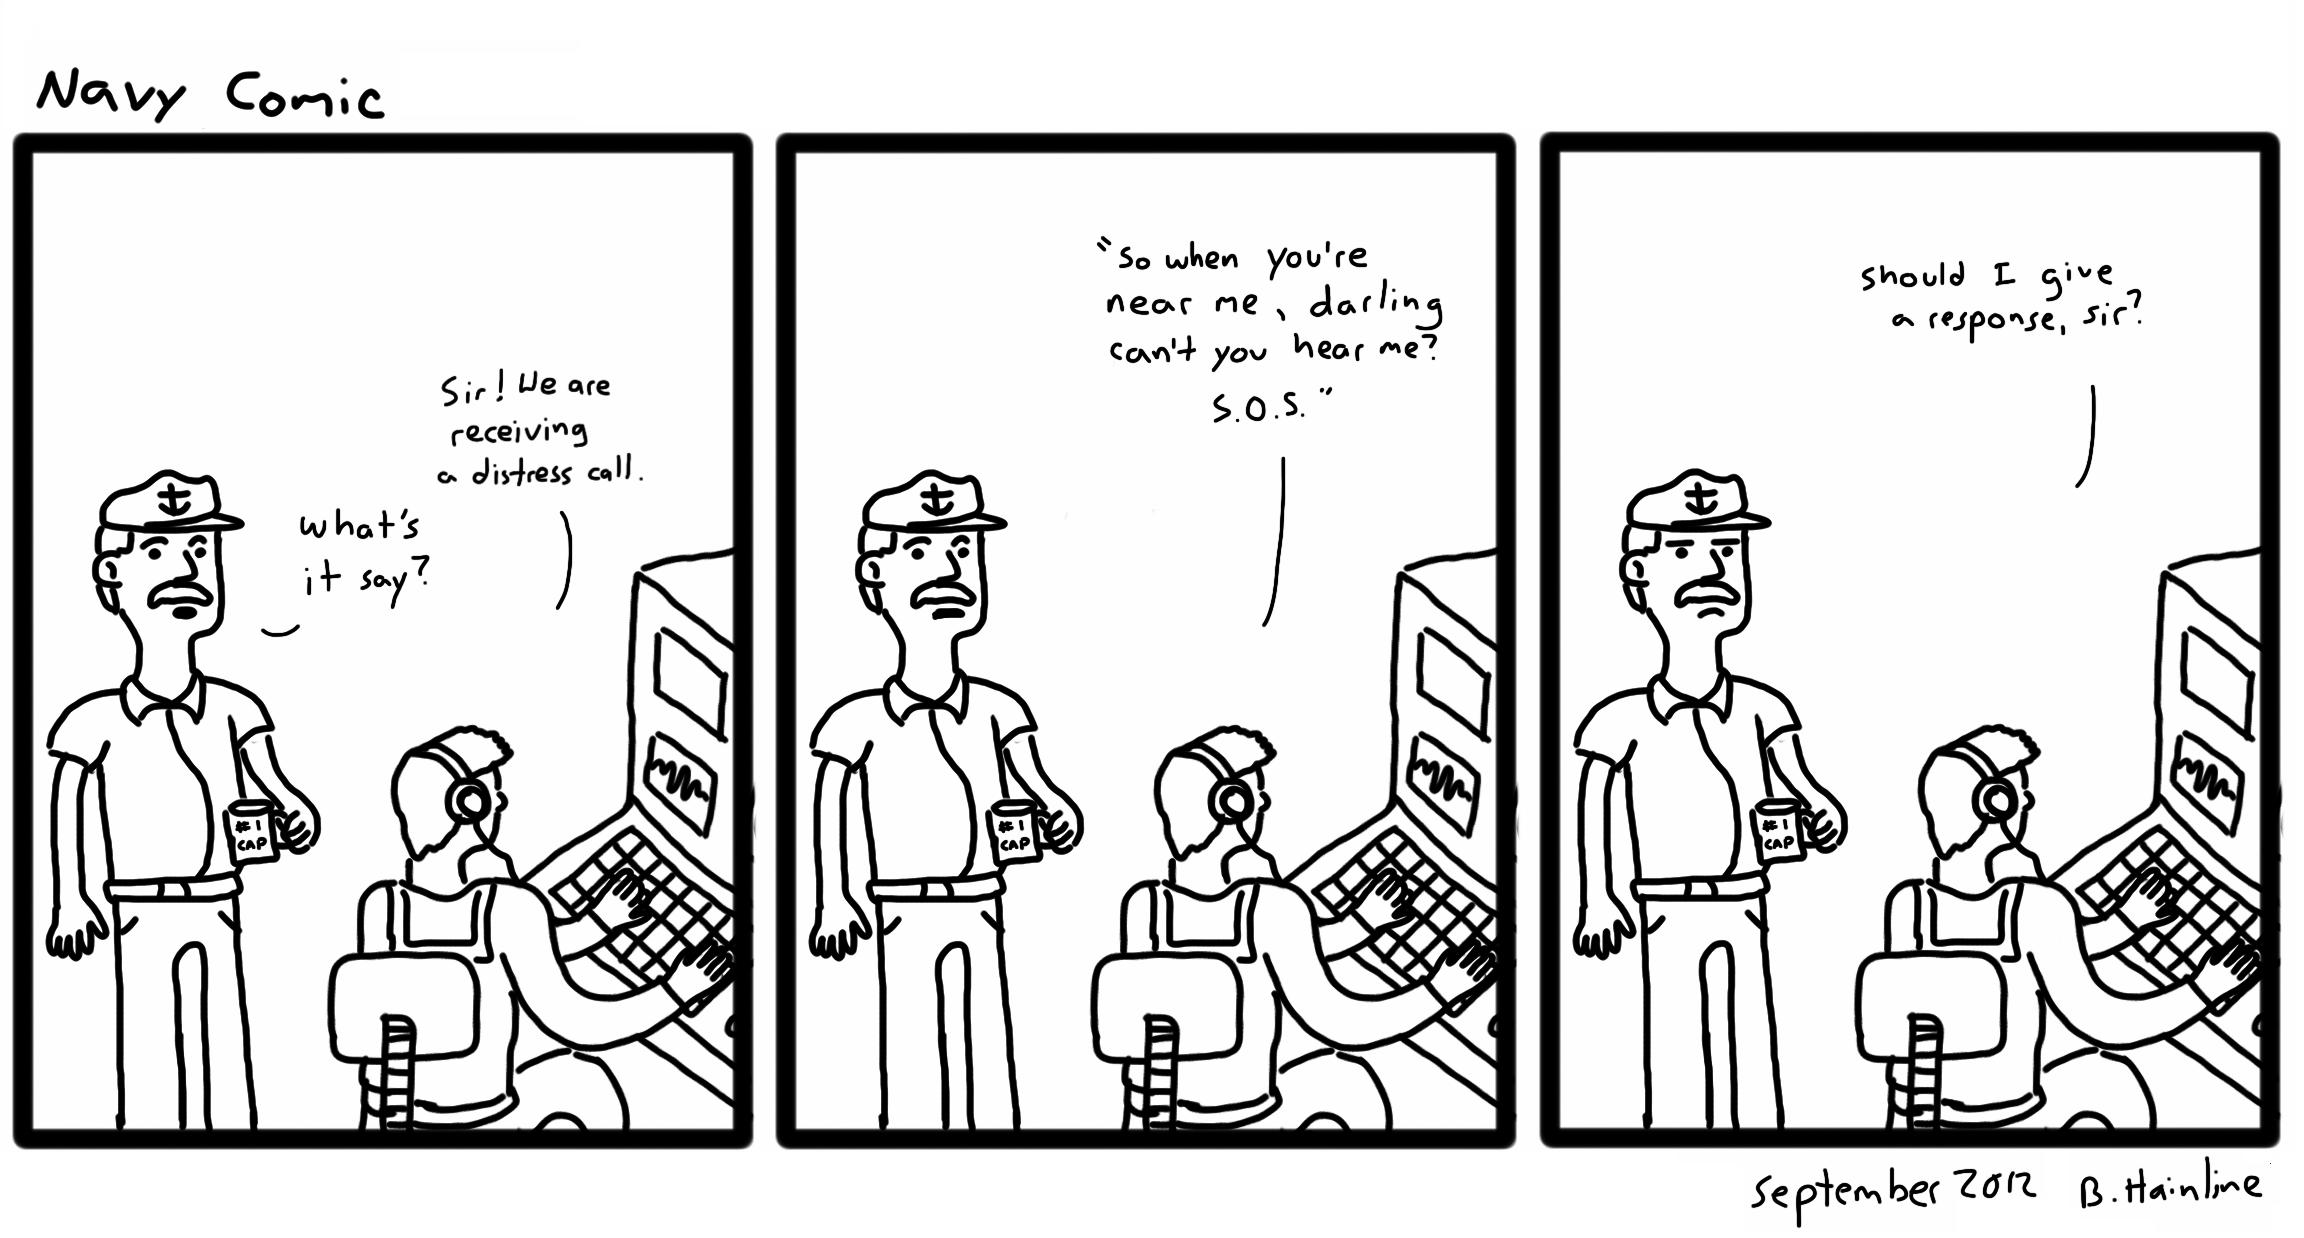 Navy Comic